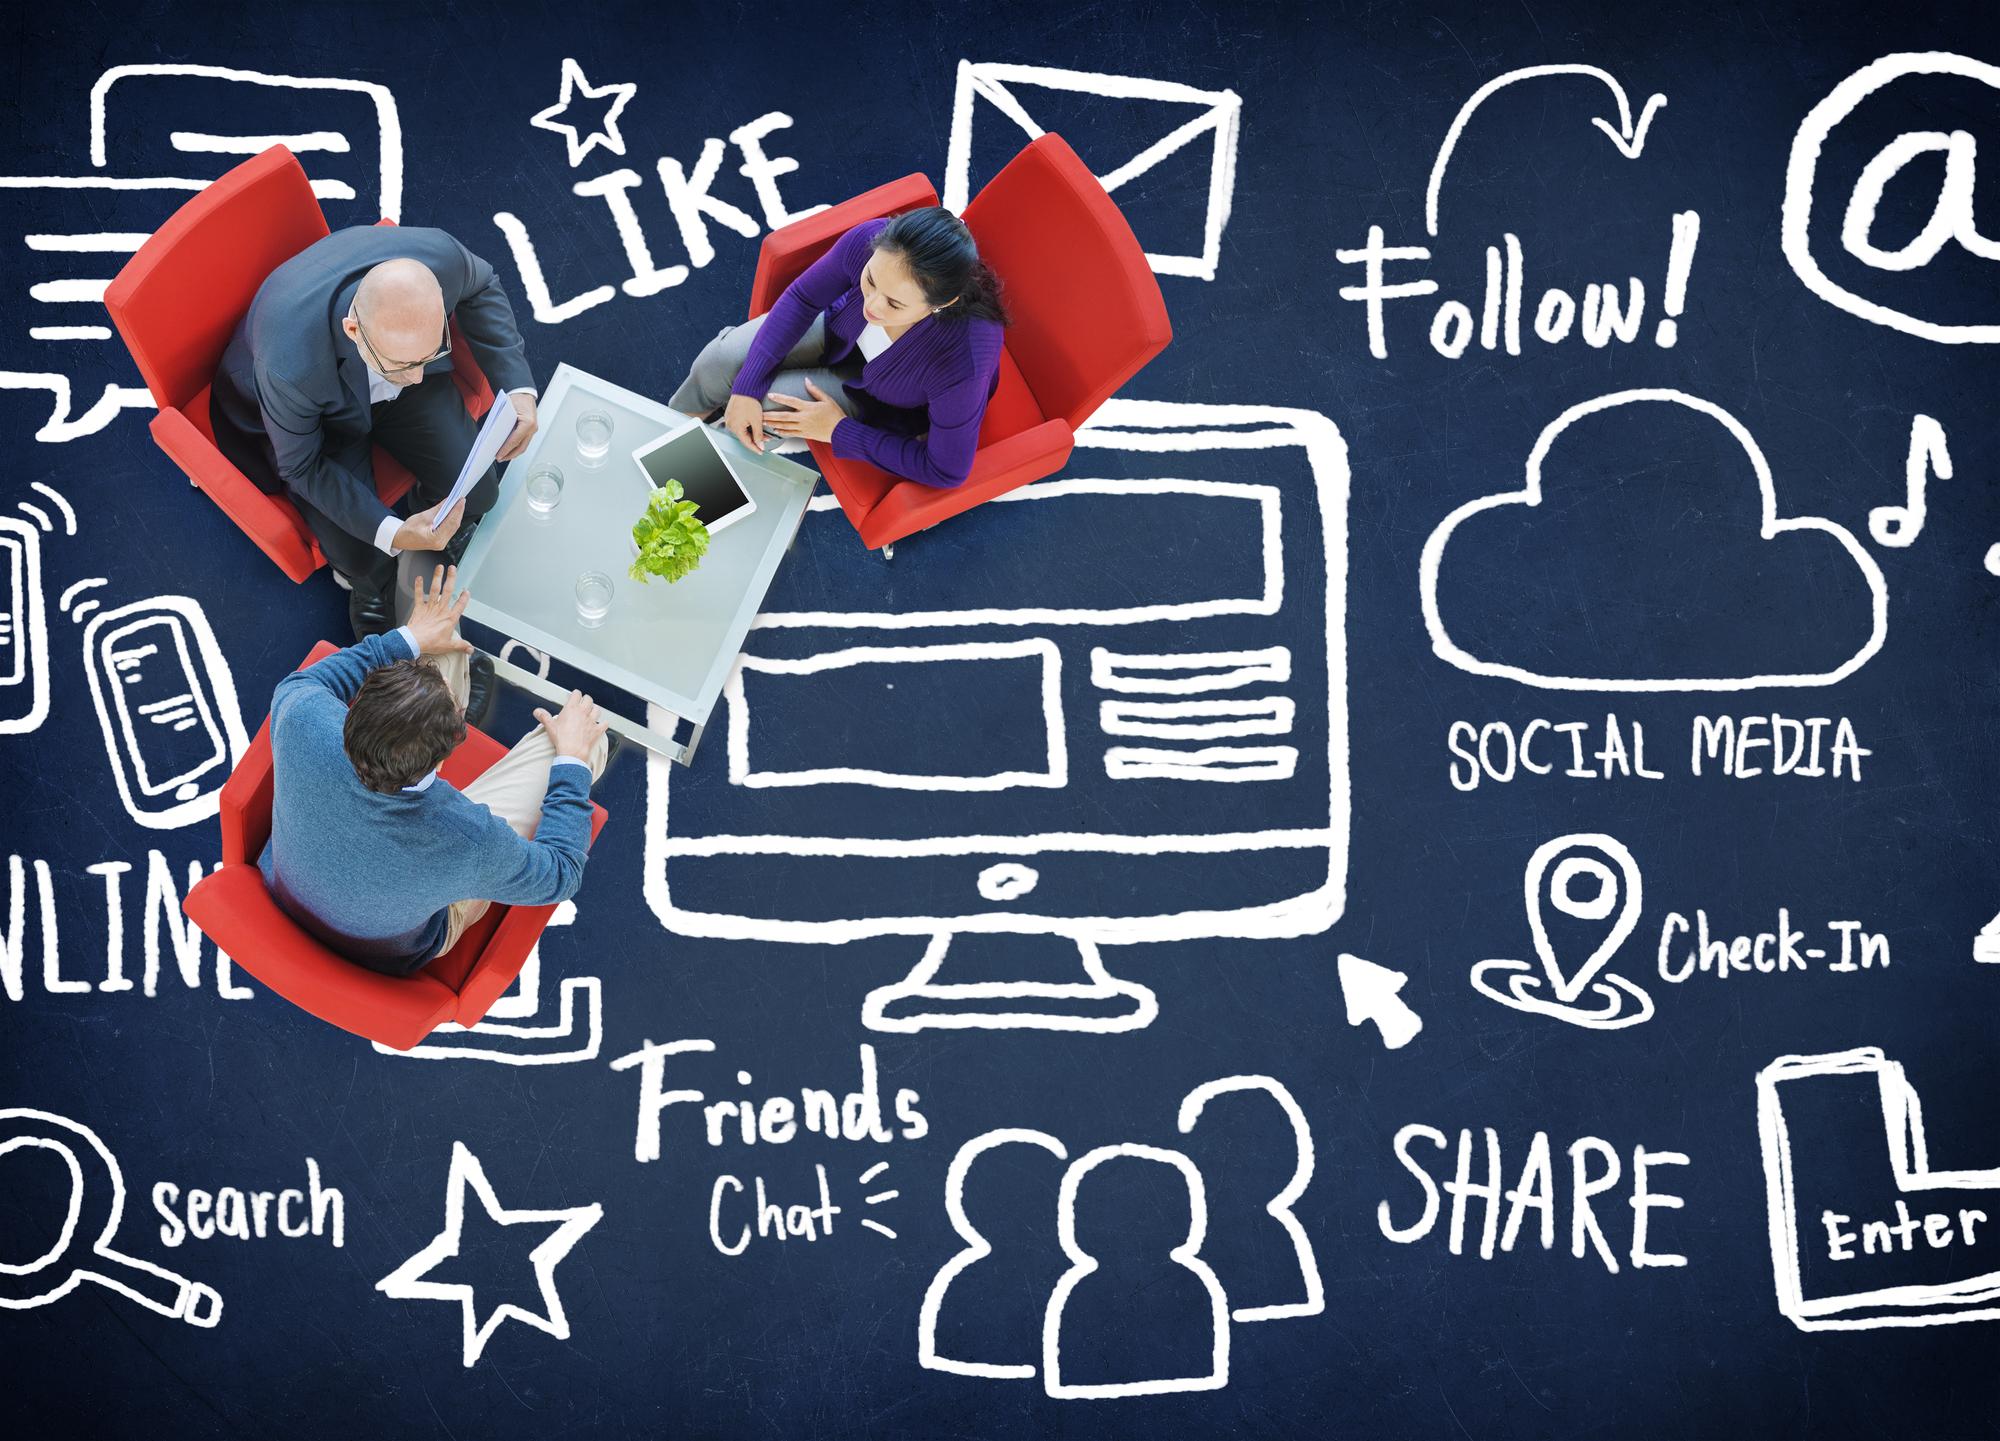 Webマーケティング初級者が見るべき14の書籍やWebサイト